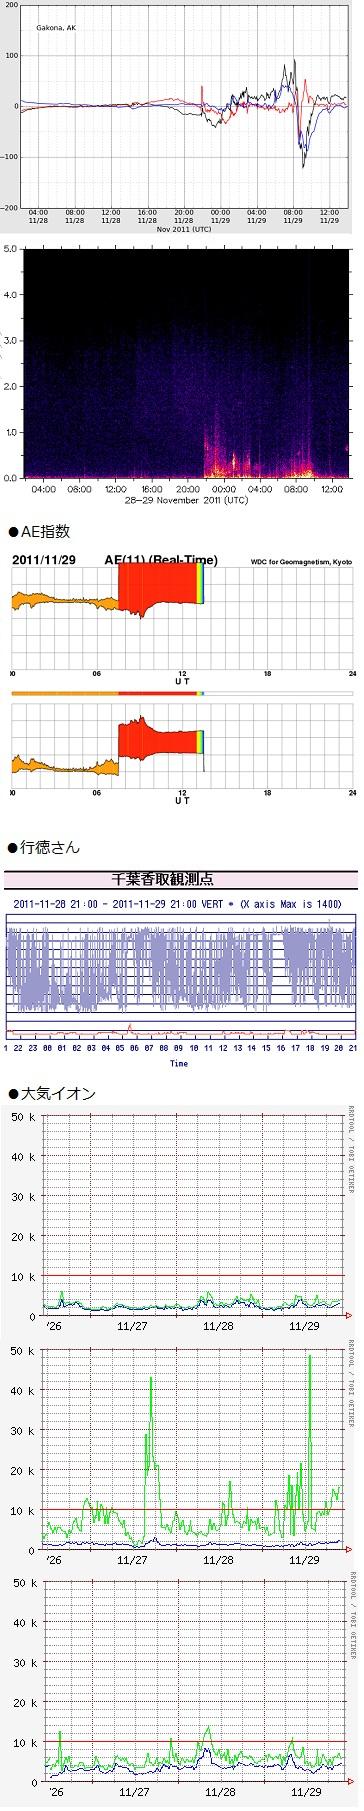 1130-1.jpg